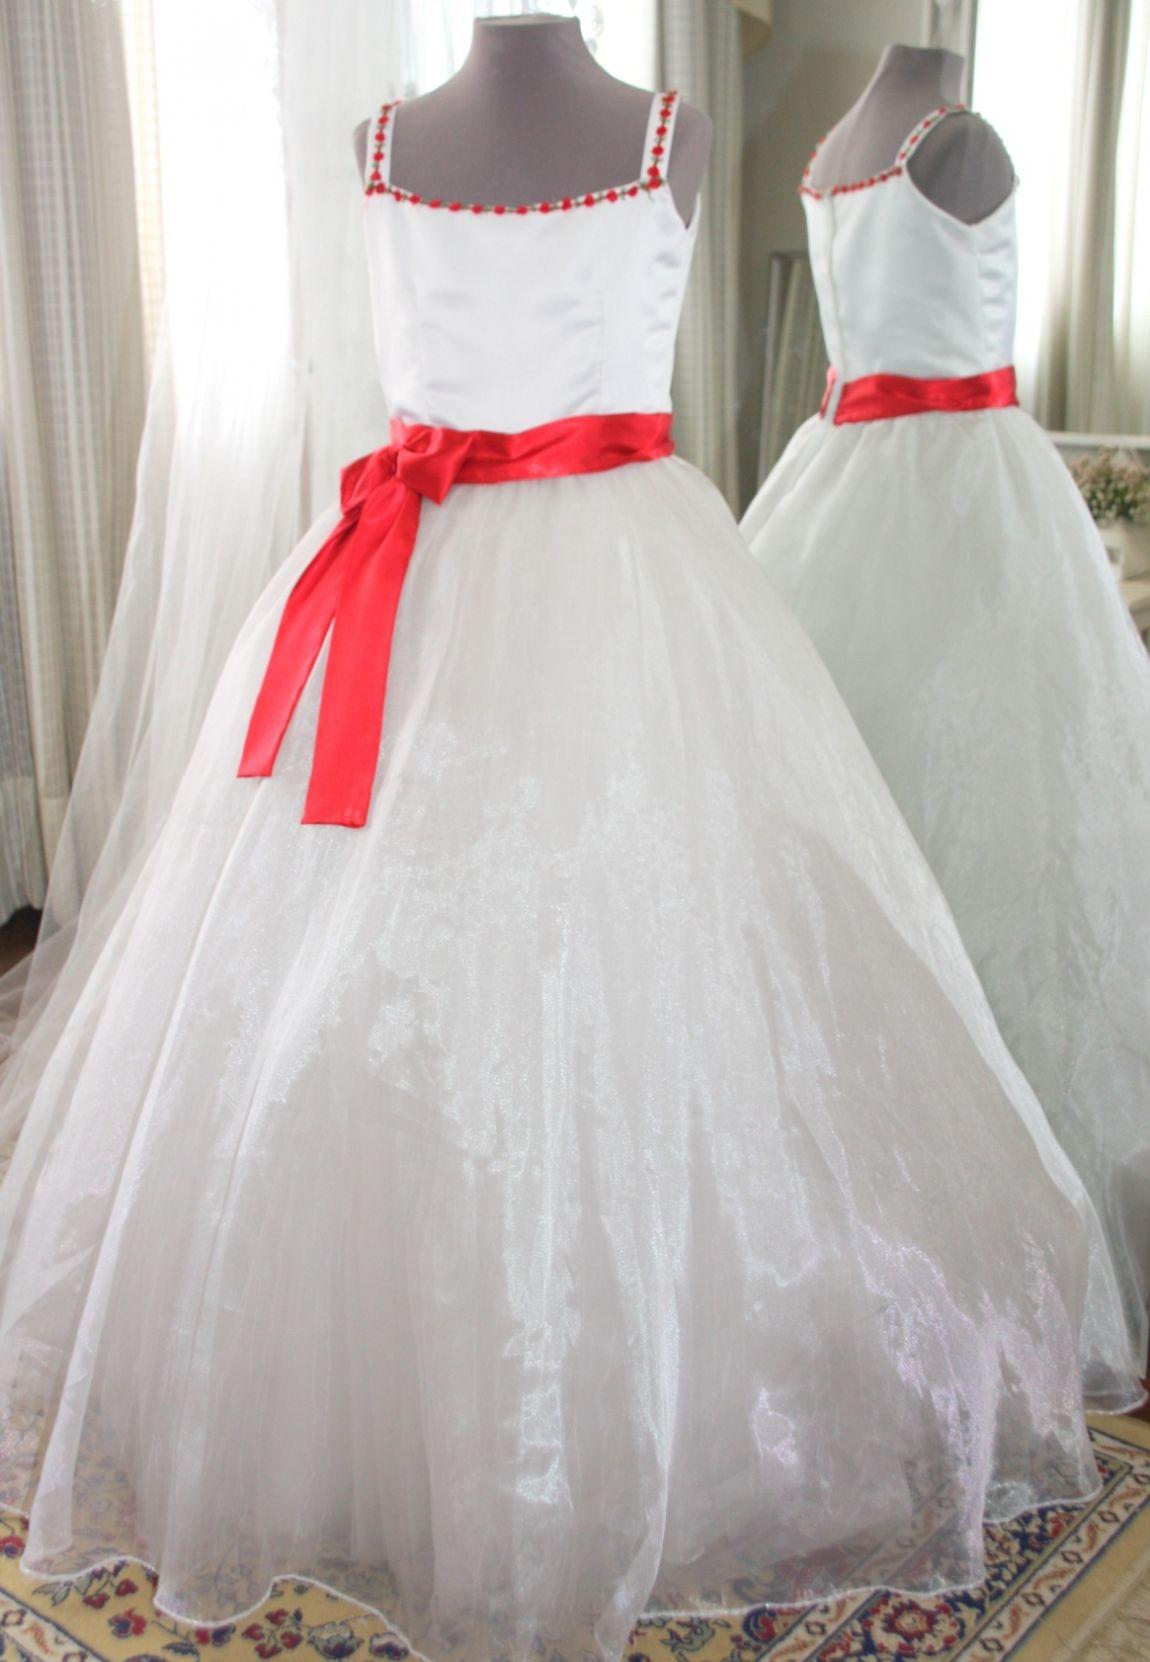 Vestidos para Daminha - 139 - Hipnose Alta Costura e Spa para Noivas e Noivos - Campinas - SP Vestido de Daminha, Vestido para Daminha de Casamento, Hipnose Alta Costura